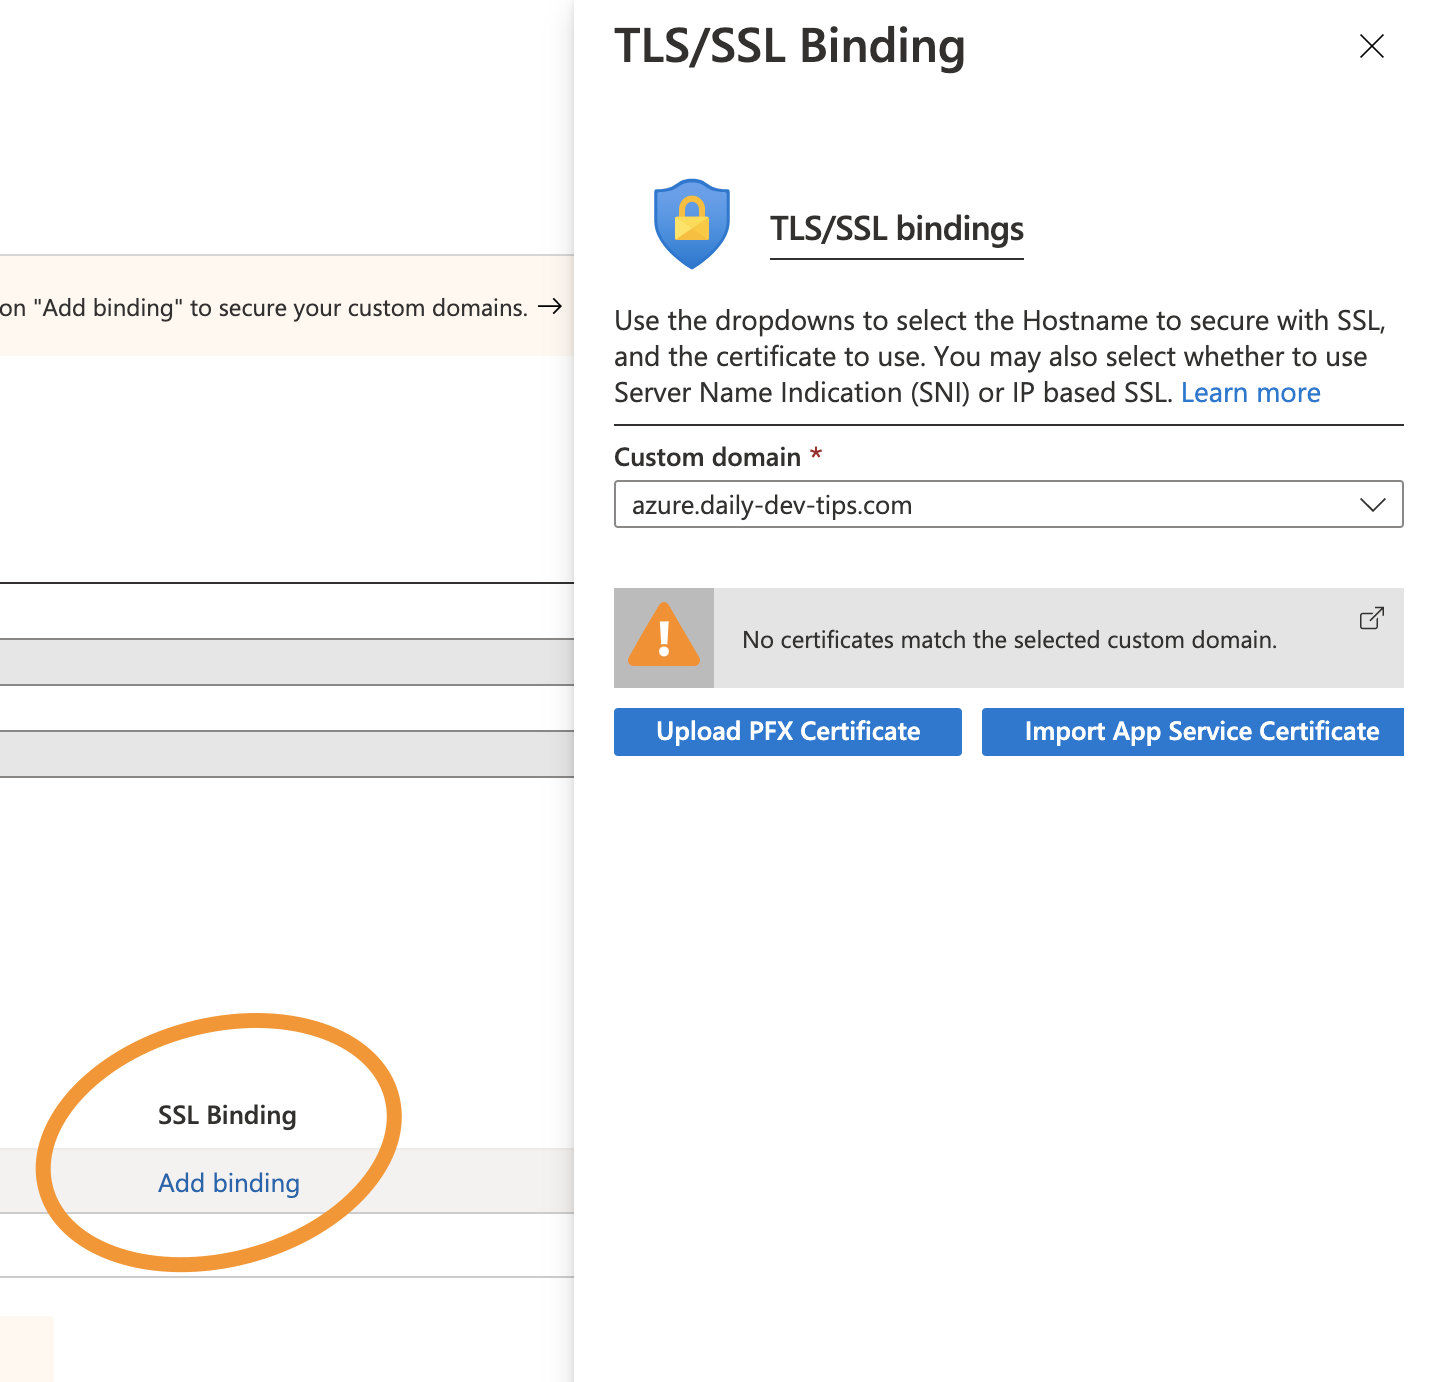 Azure SSL Binding